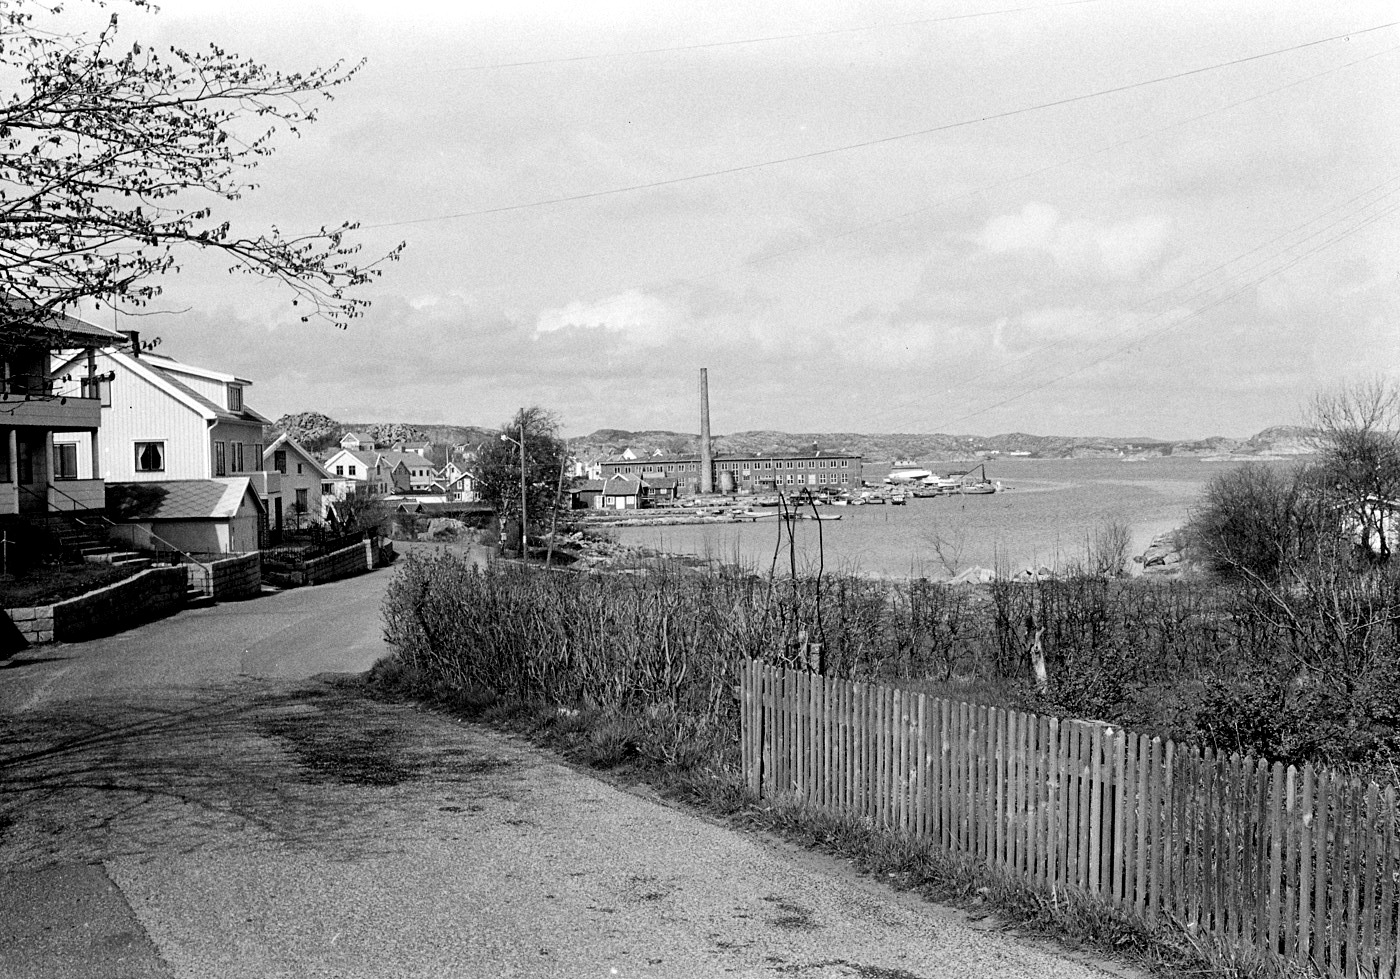 Foto Claes Funck 1968. Vy från Strandvägen-Rompesand mot fabrik.